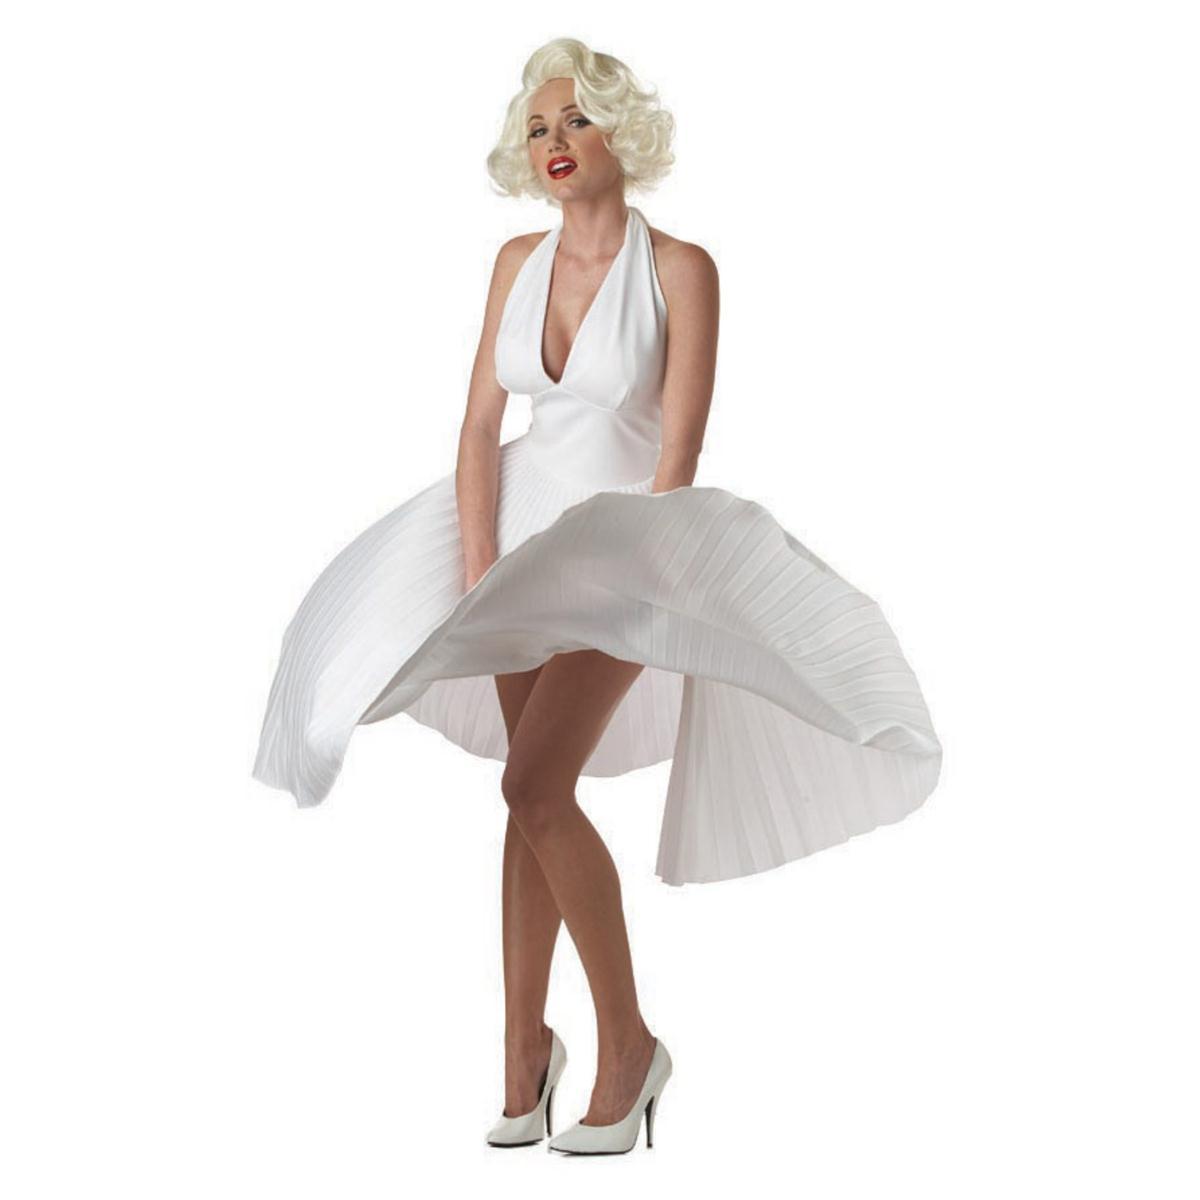 マリリン ドレス コスプレ衣装 大人 女性 セクシー コスチューム ホワイトドレス